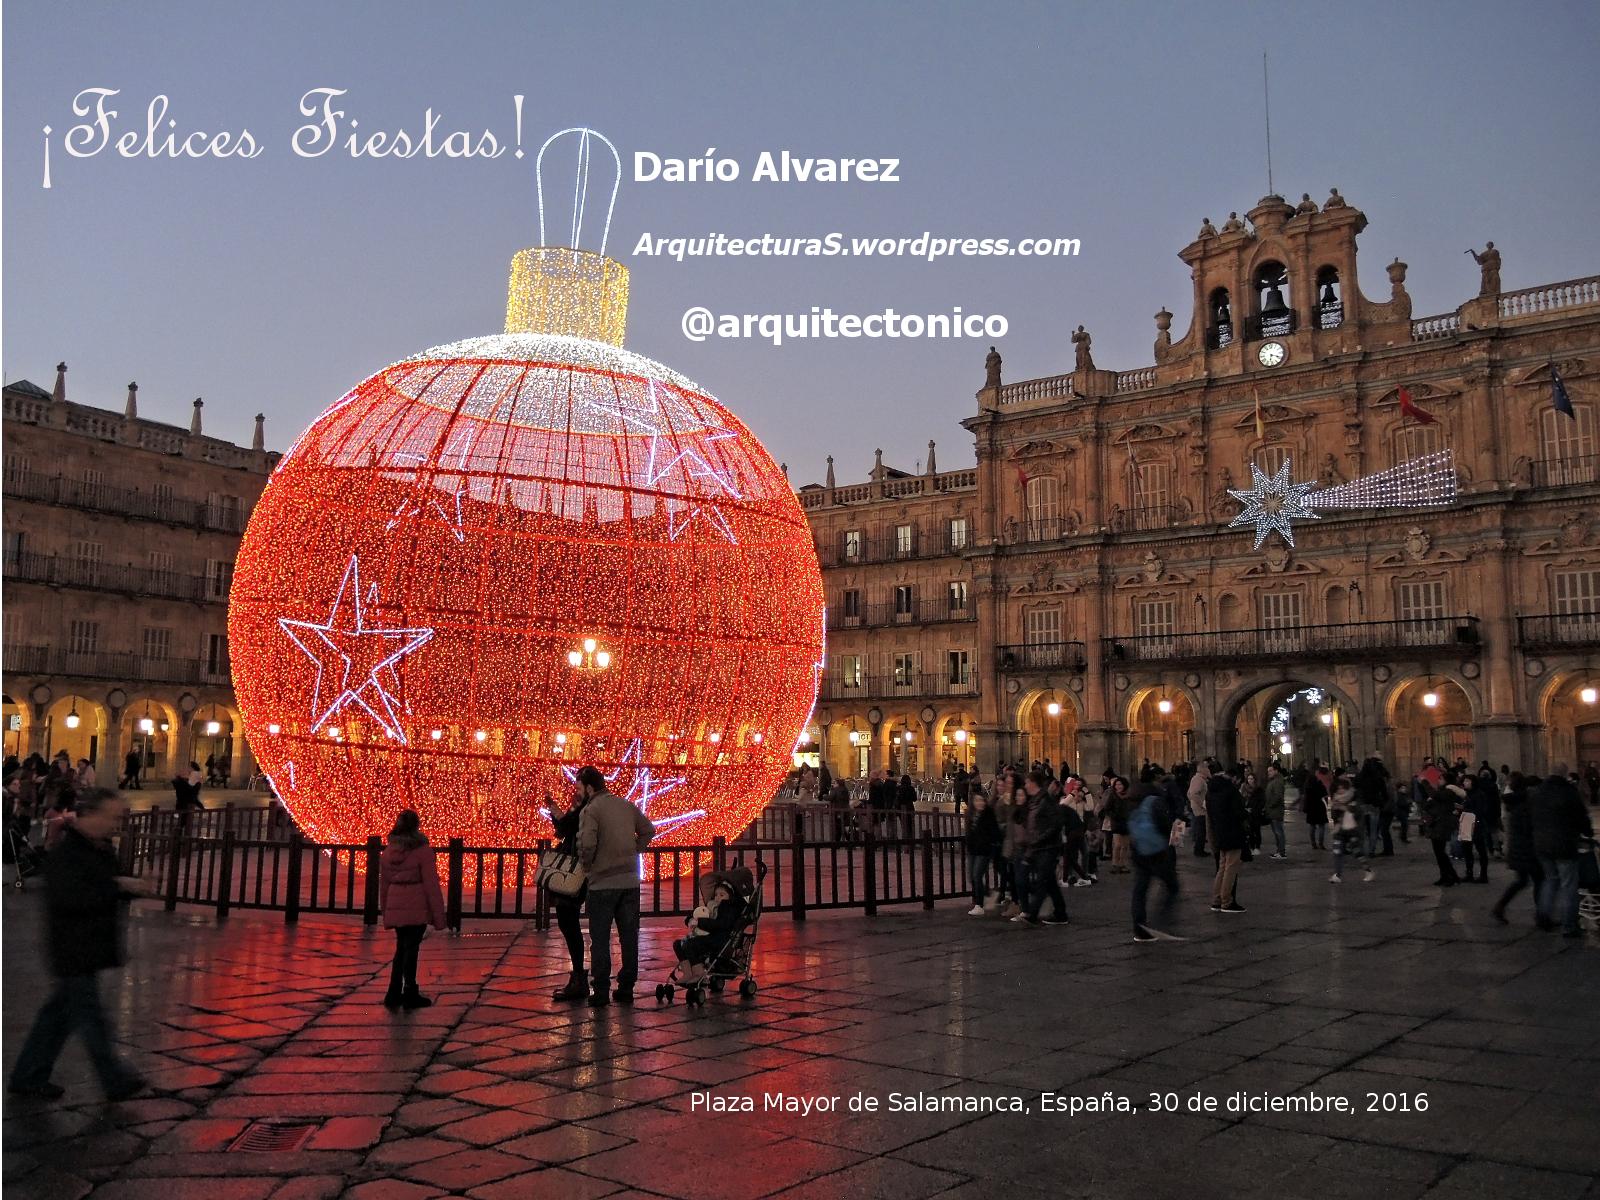 ¡Felices Fiestas! Darío Alvarez ArquitecturaS.wordpress.com @arquitectonico En la foto: Plaza Mayor de Salamanca, España, 30 de diciembre, 2016